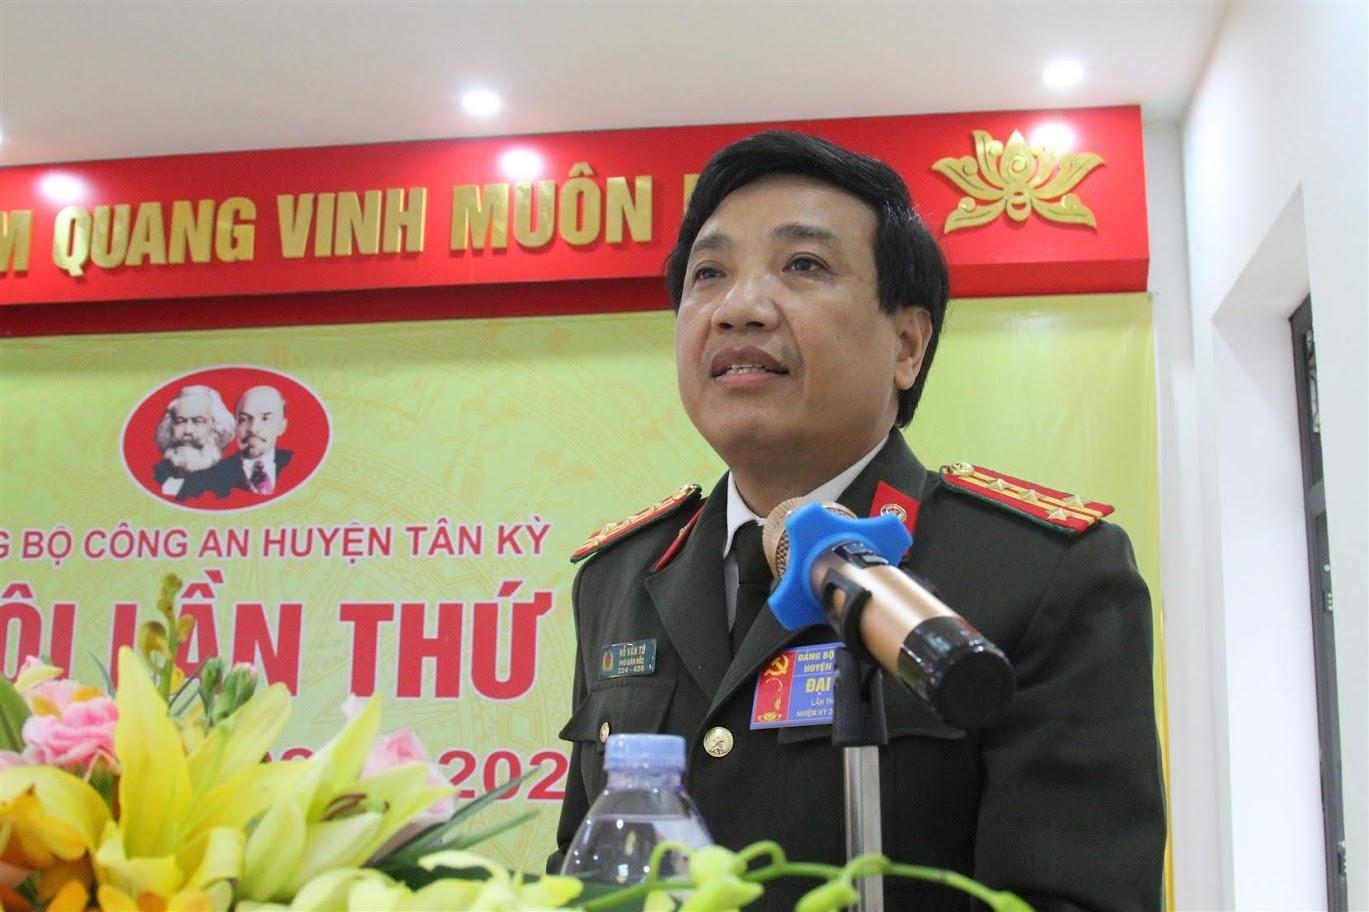 Đại tá Hồ Văn Tứ - Phó giám đốc Công an tỉnh và đồng chí Hoàng Quốc Việt - Chủ tịch UBND huyện Tân Kỳ phát biểu chỉ đạo